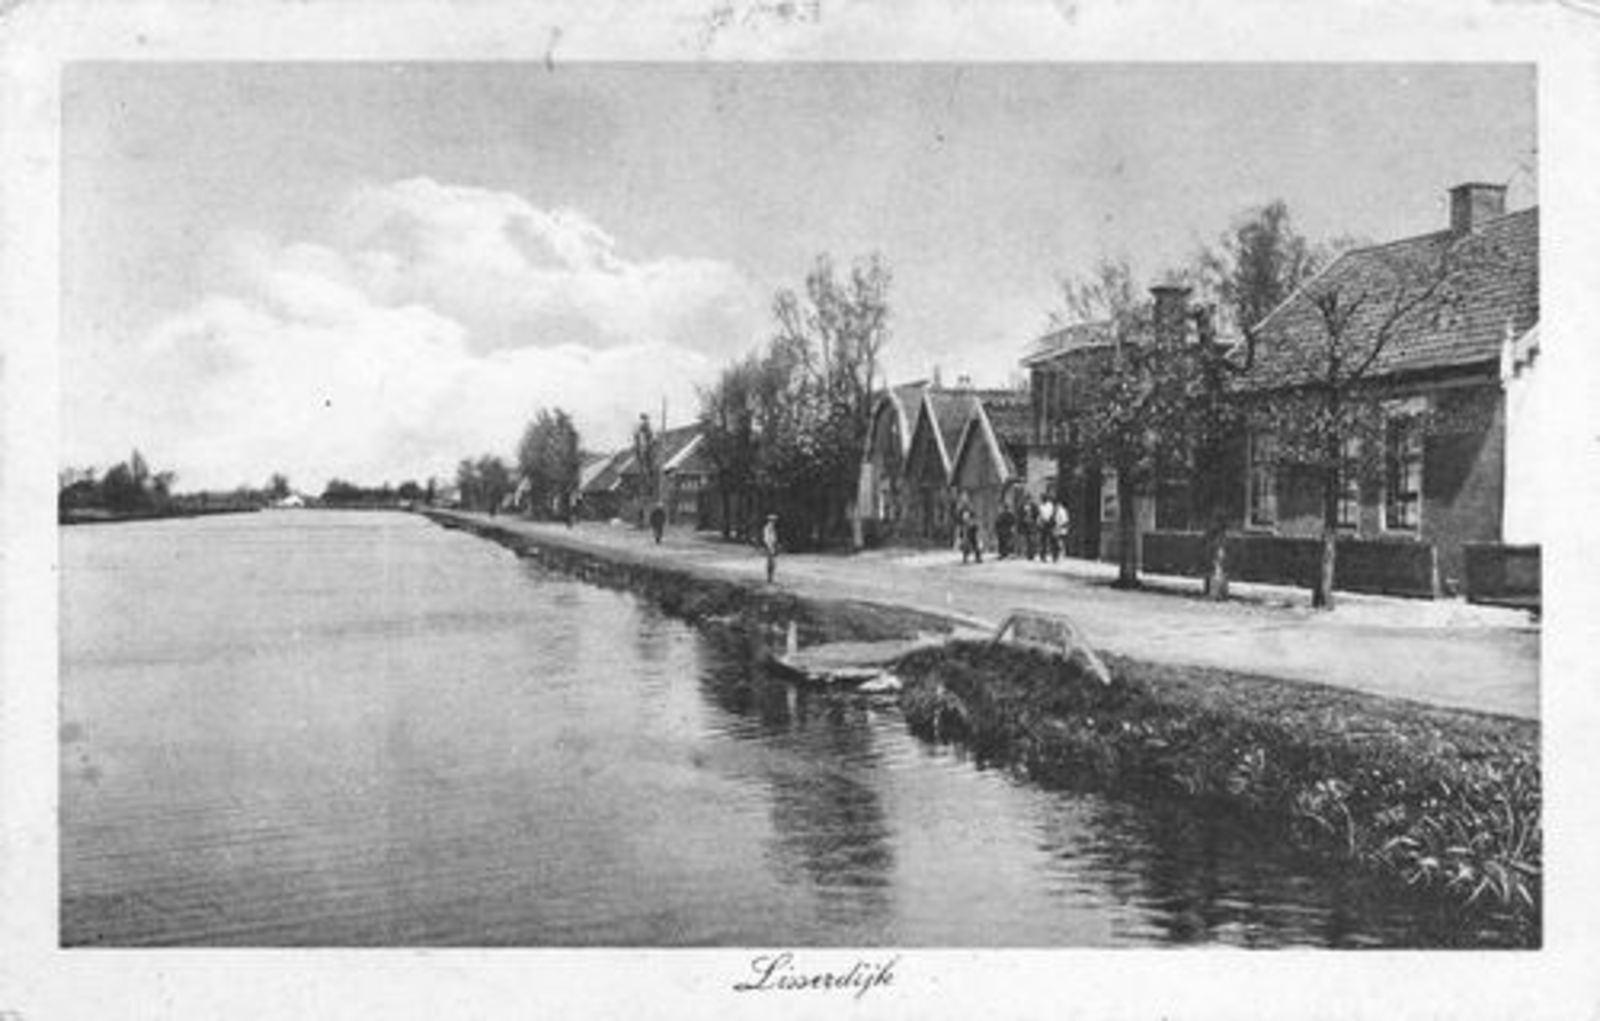 Lisserdijk 0534± 1928 Fa Baartman en Zicht naar Noorden